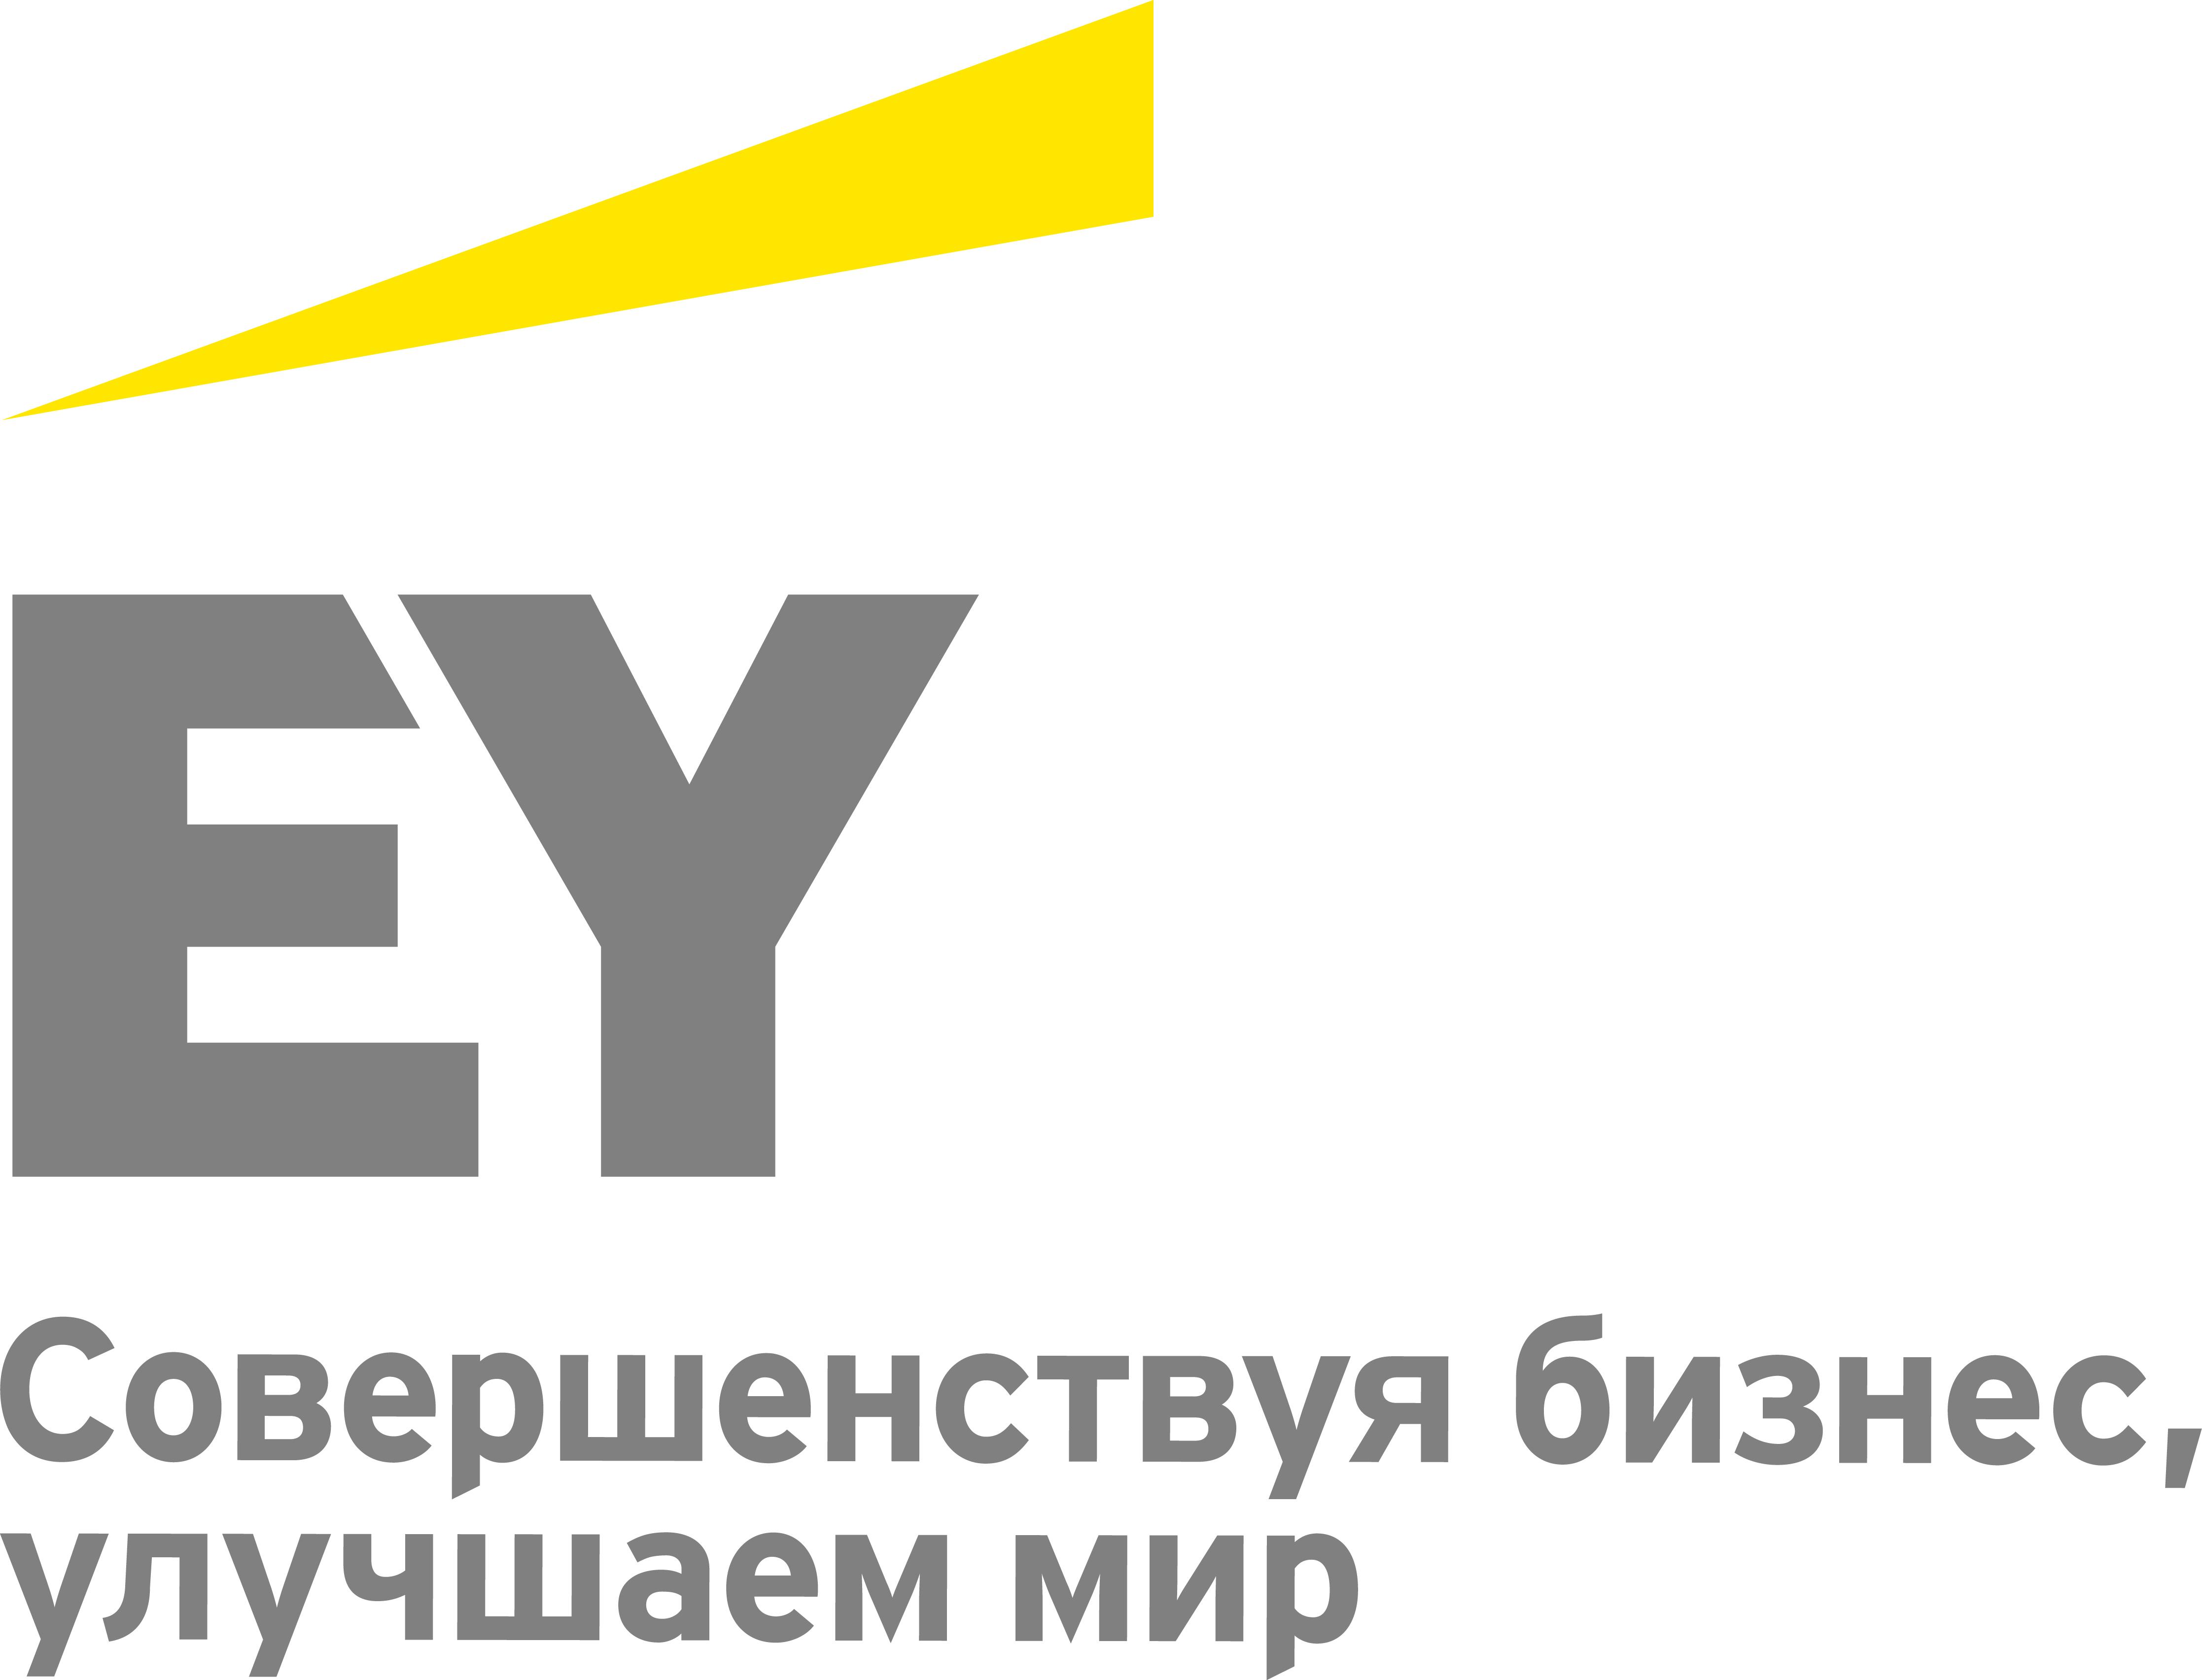 Подписка на рассылку новостей от EY